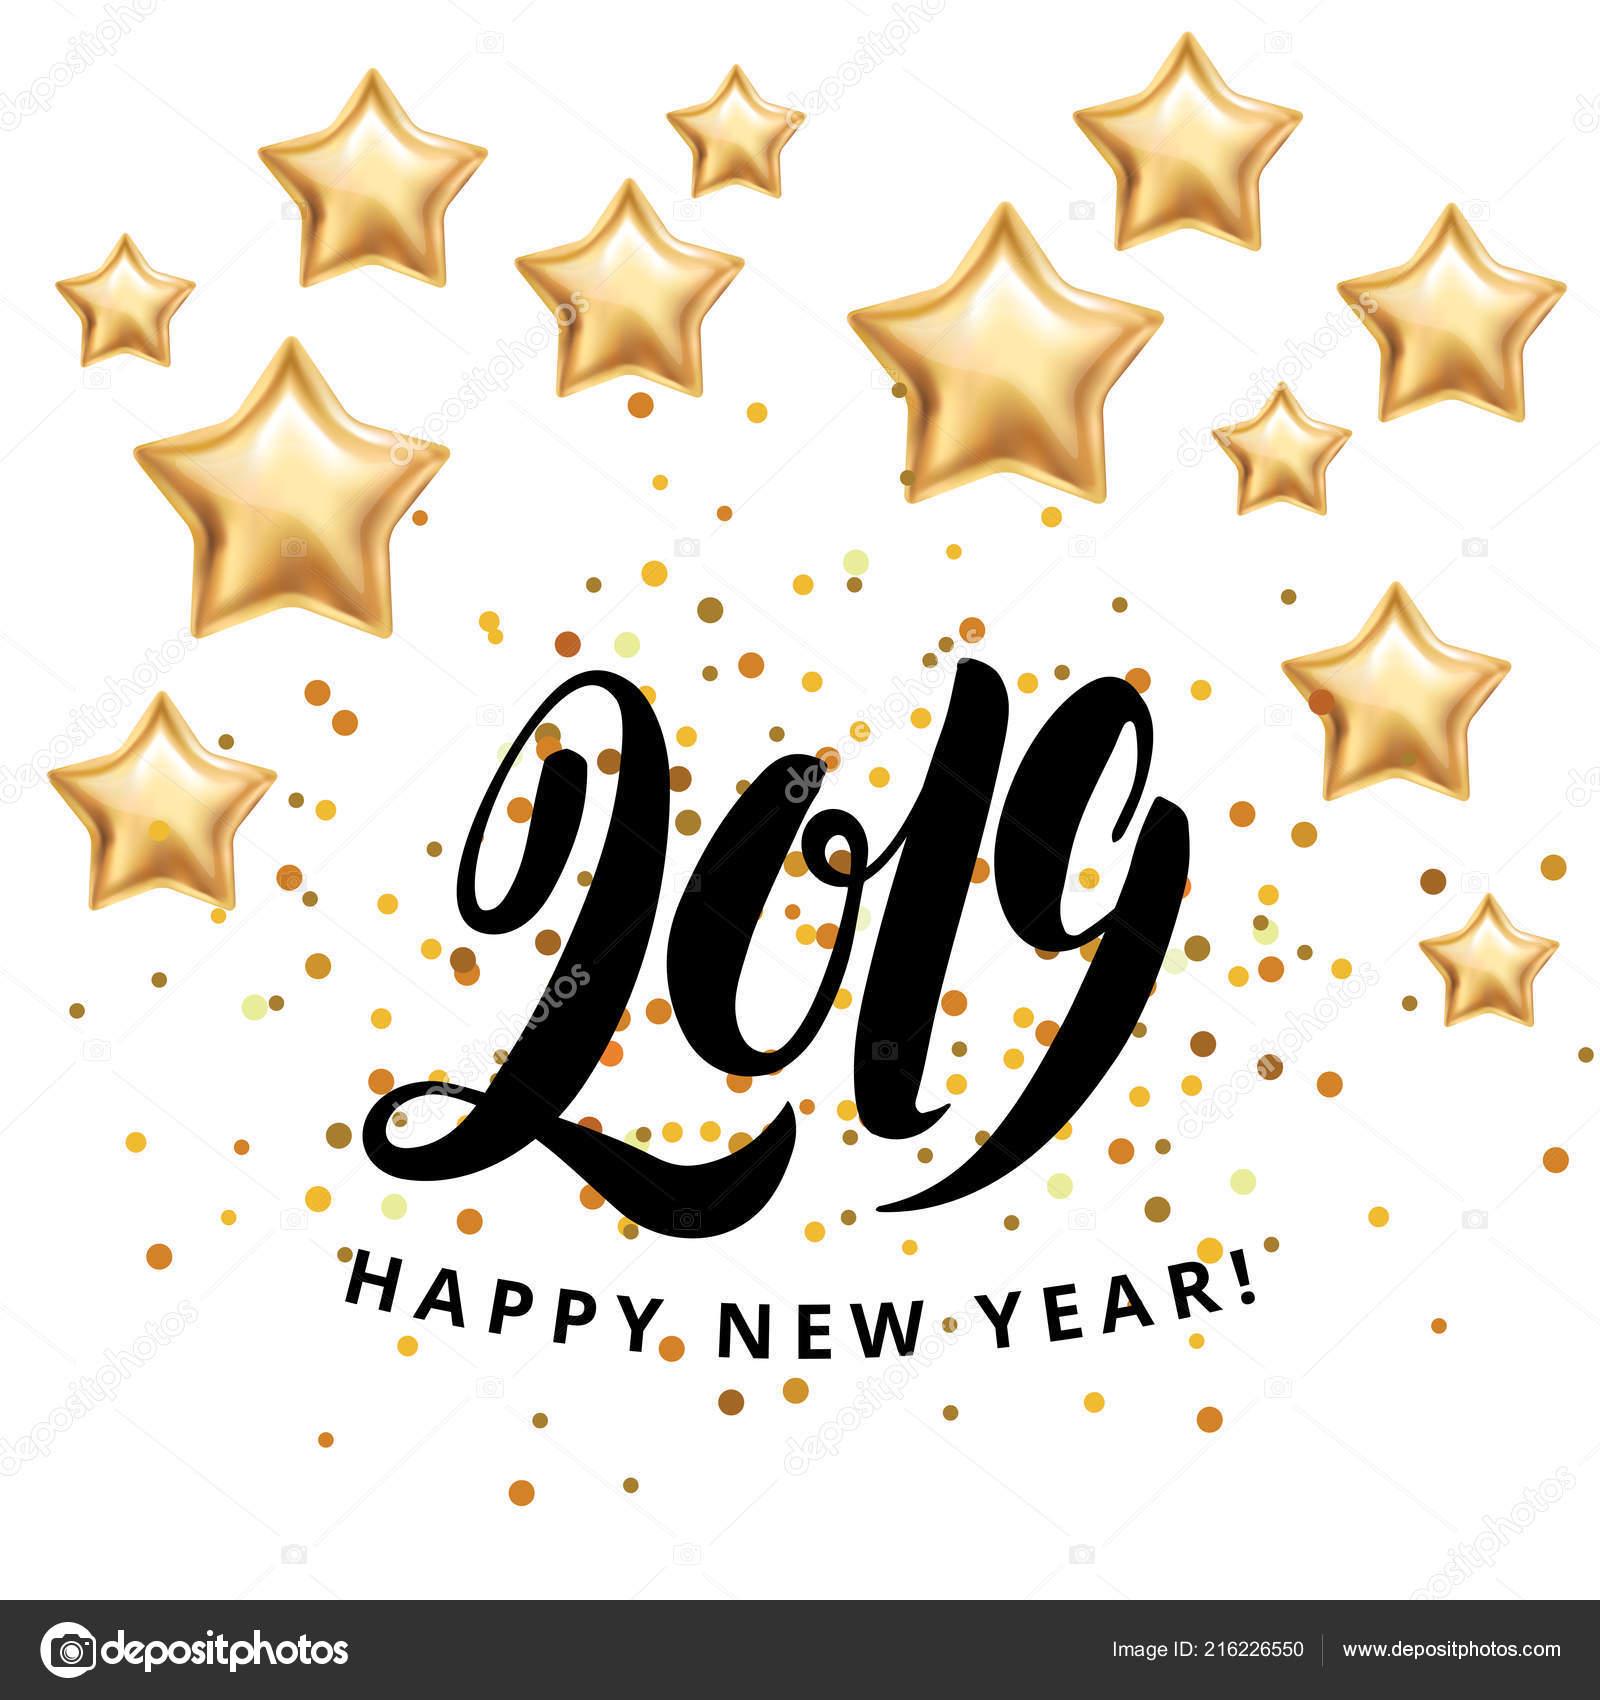 Merry Christmas Happy New Year — Stock Vector © PirinaIrina #216226550